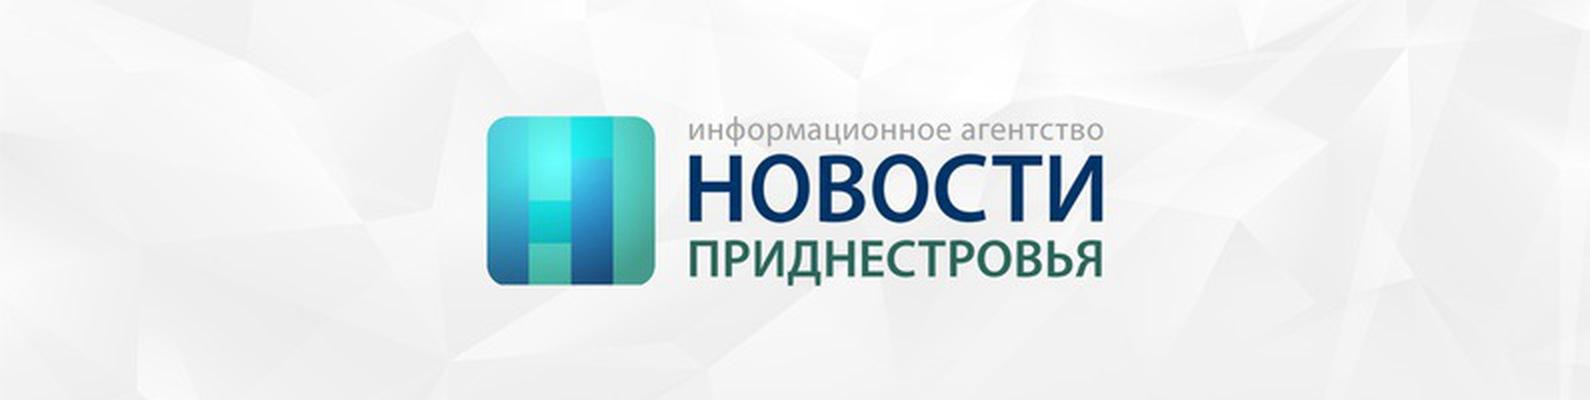 Картинки по запросу Новости Приднестровья лого